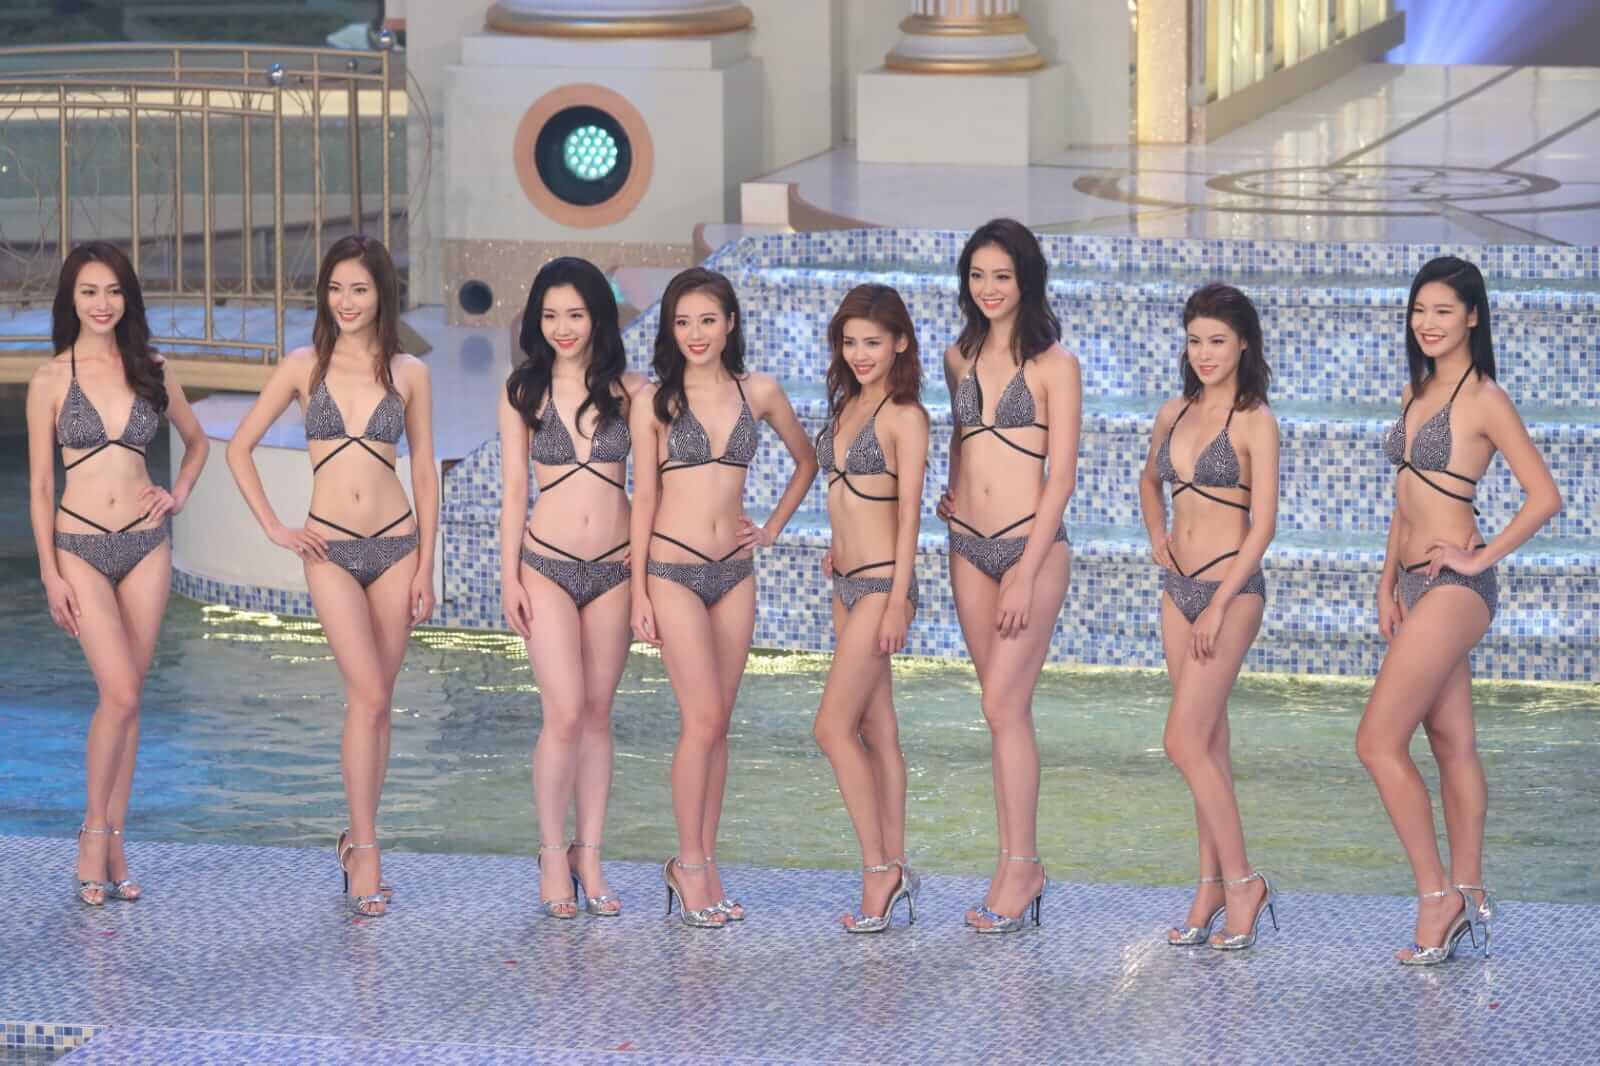 泳裝環節,十位佳麗穿上比堅尼泳裝,身材盡顯無遺。